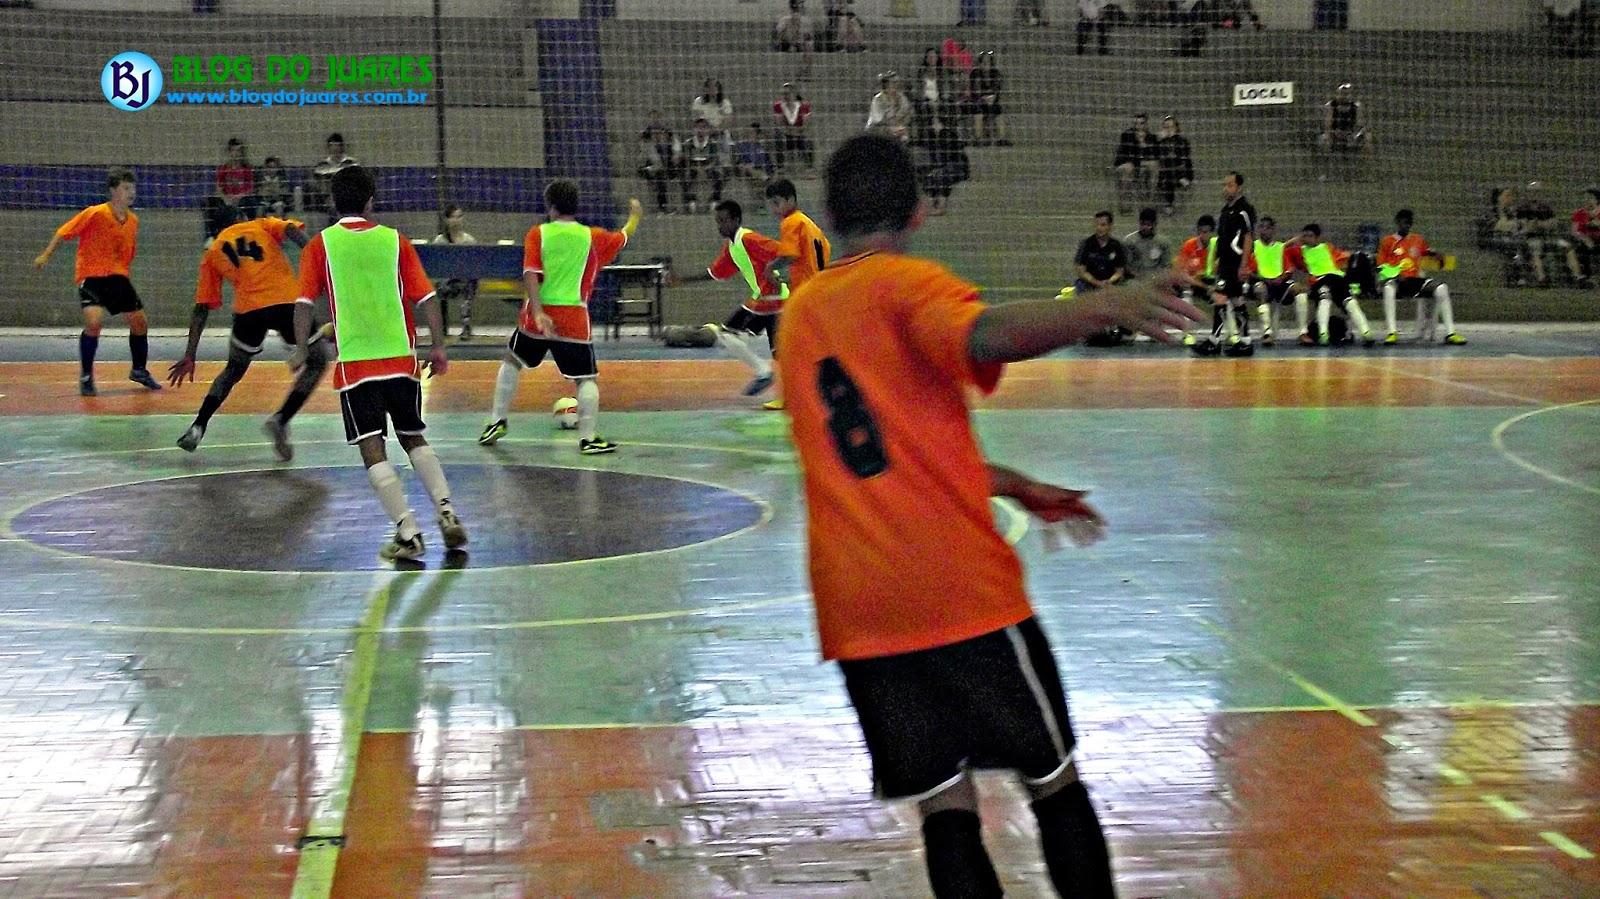 Blog do Juares  Resultados da 4ª rodada pelo Citadino de Futsal de ... 8290e3899da83